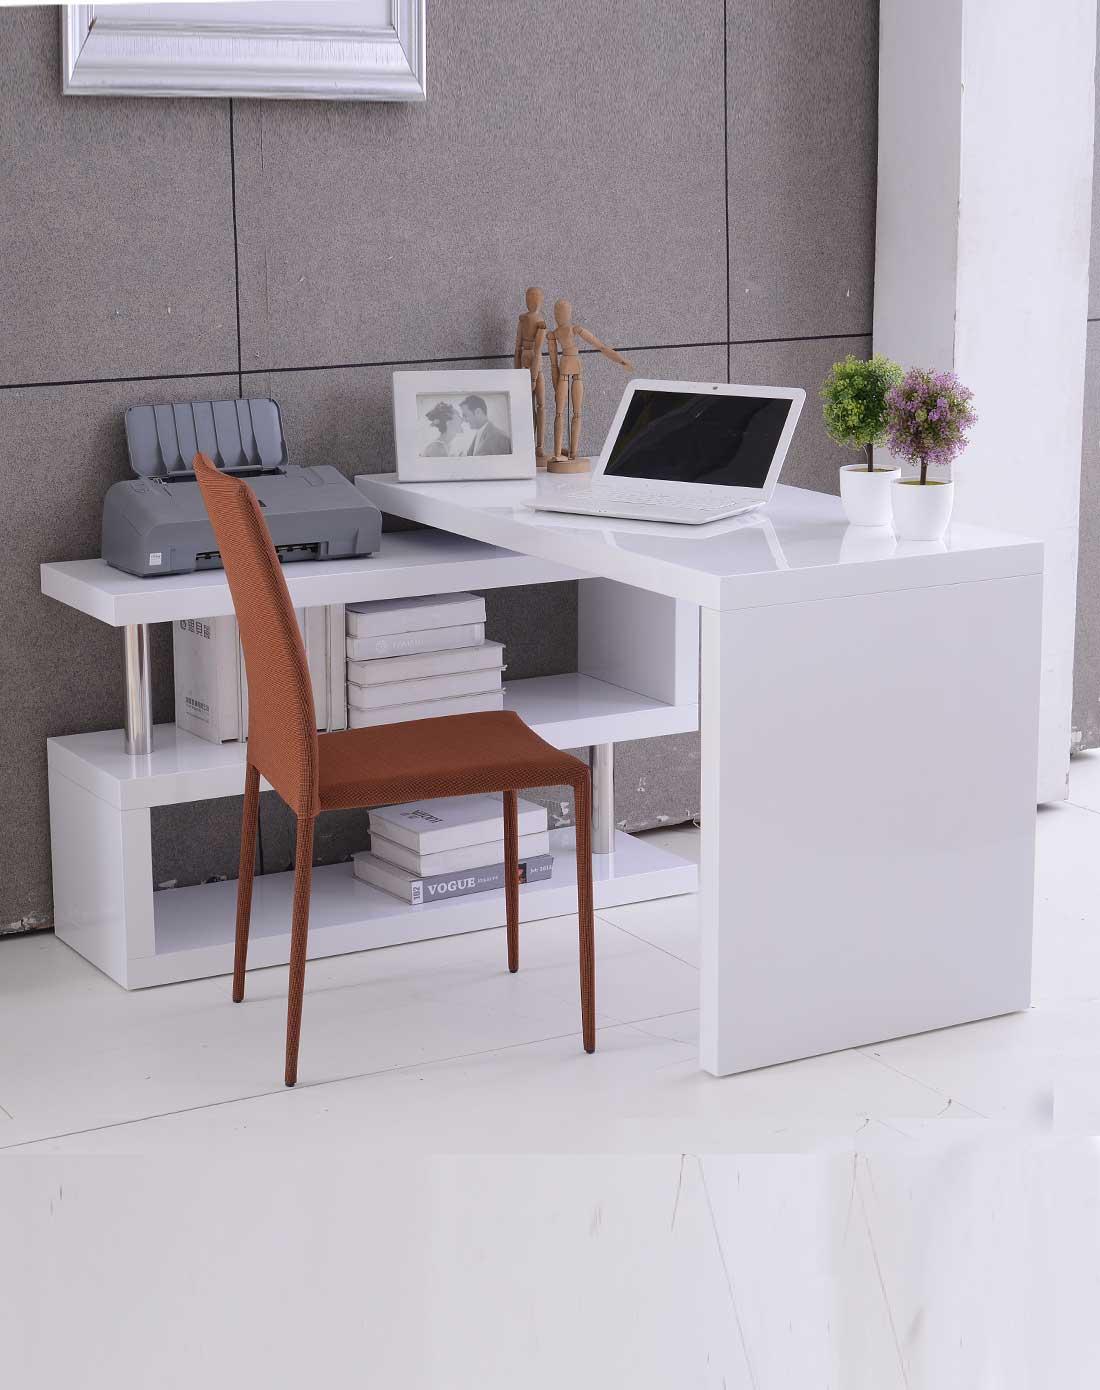 几度jidu家具专场白色钢琴烤漆百变书桌jd092739